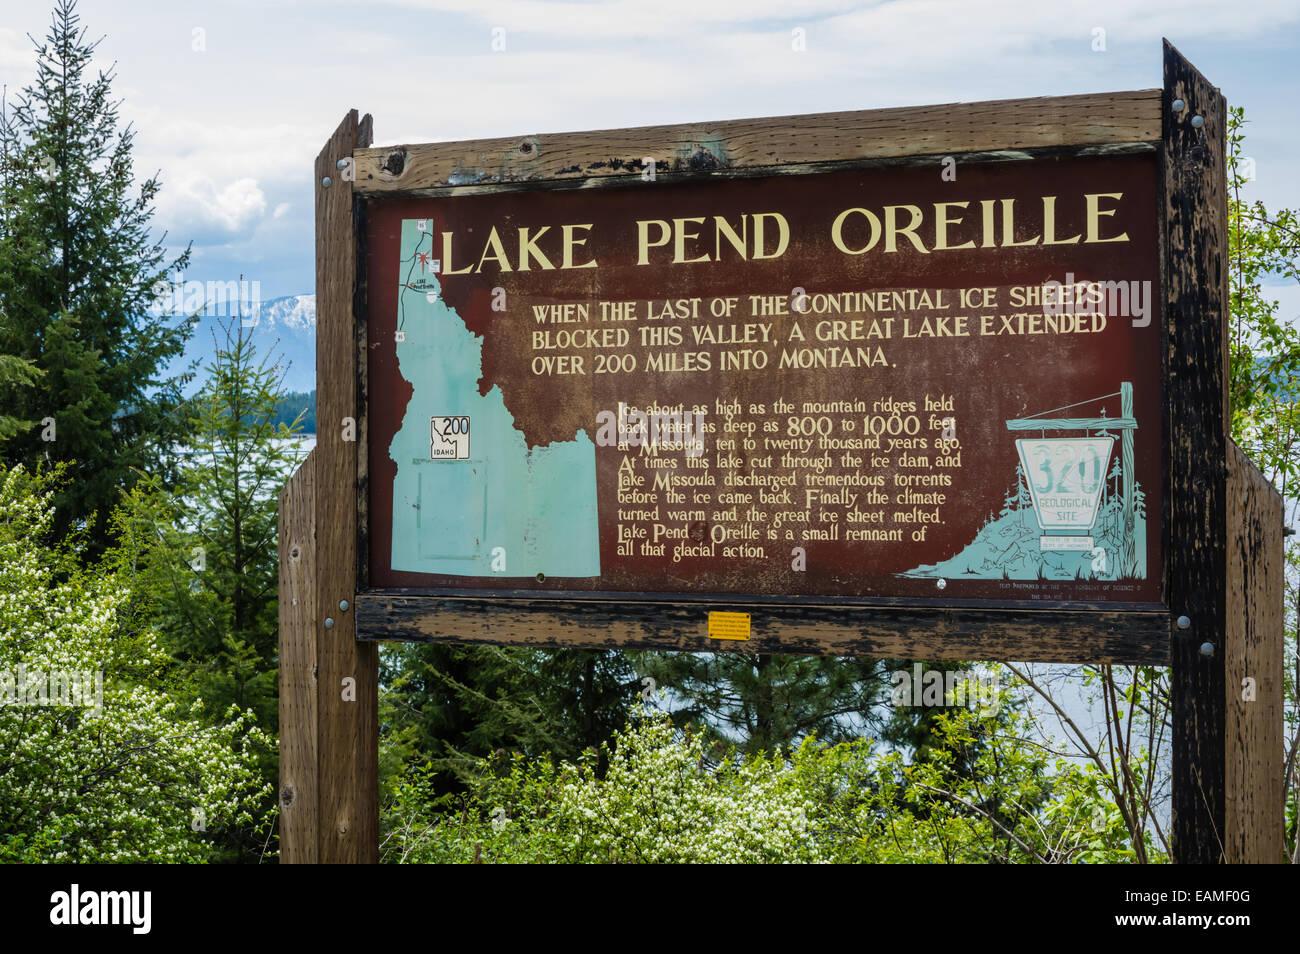 Educational roadside sign describing the history of Lake Pend Oreille.  Hope, Idaho - Stock Image